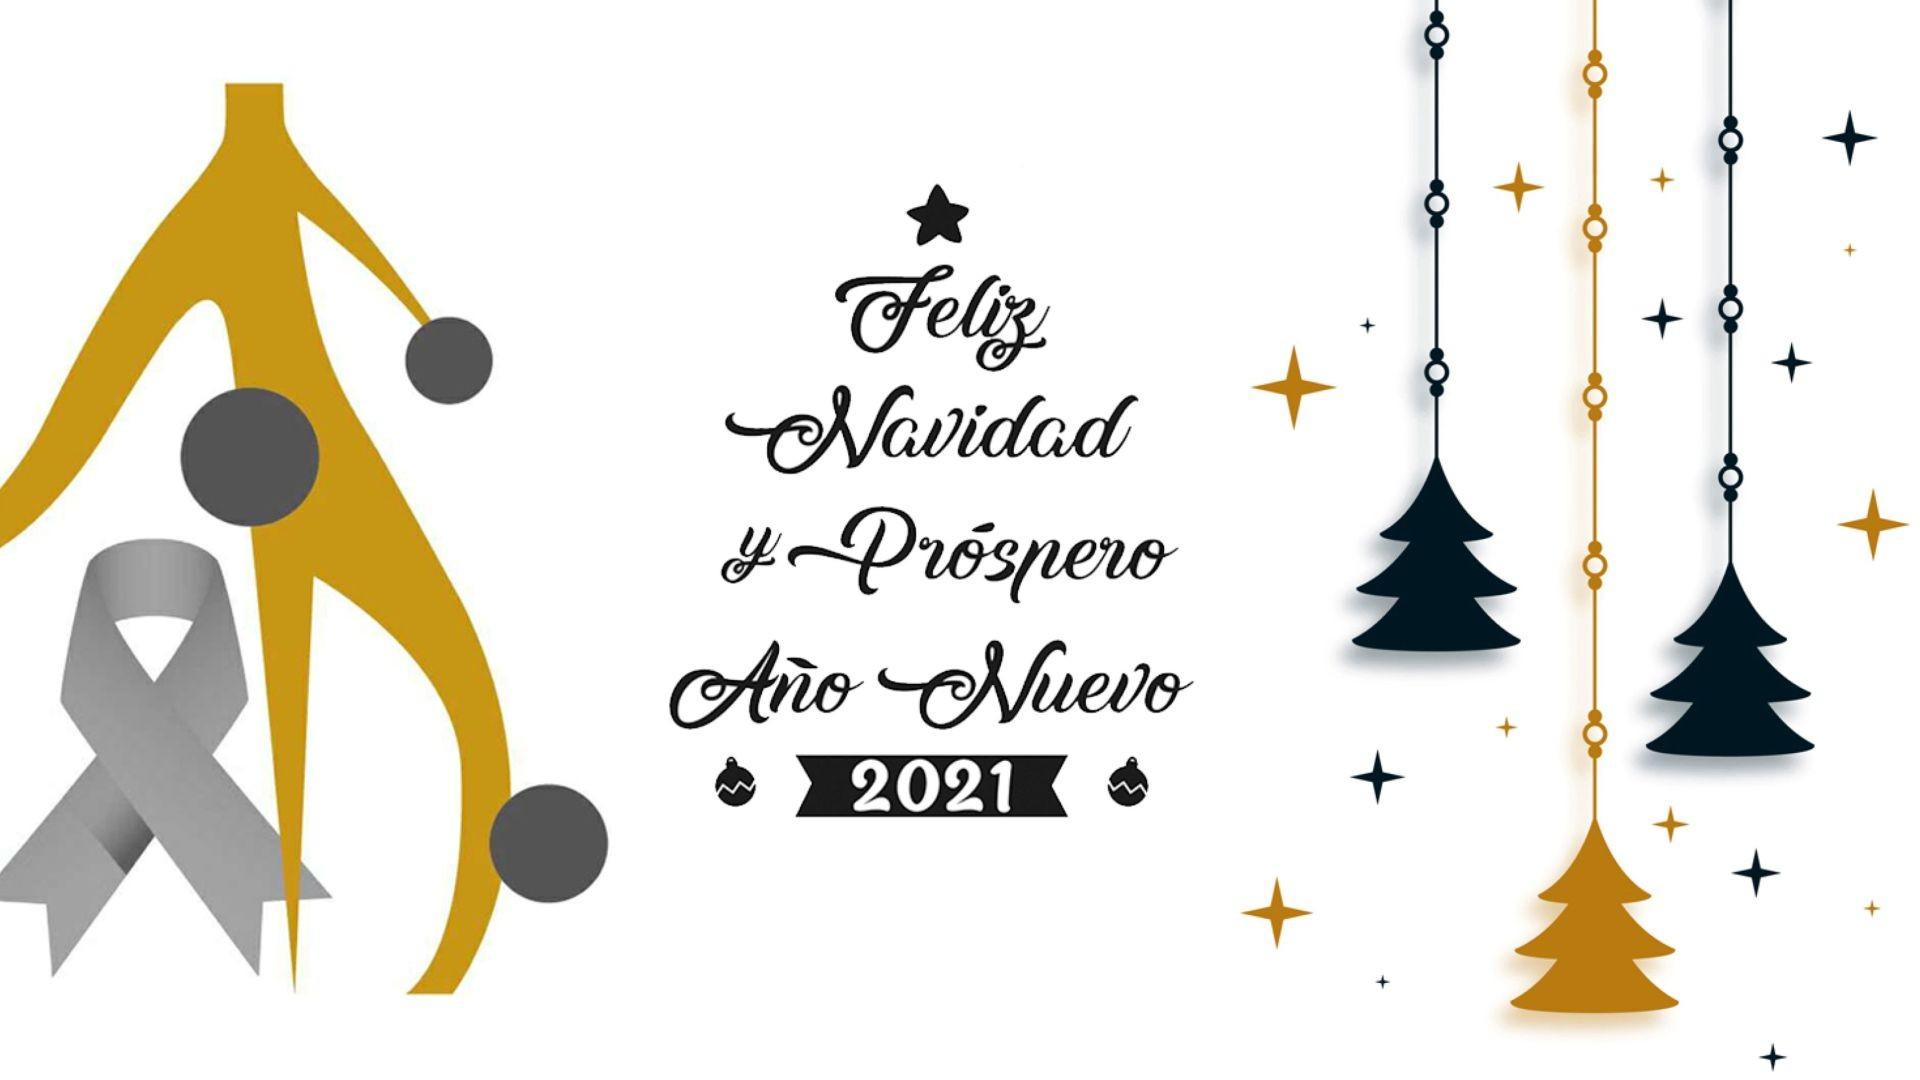 Felicitacion OR 2020 QDQ